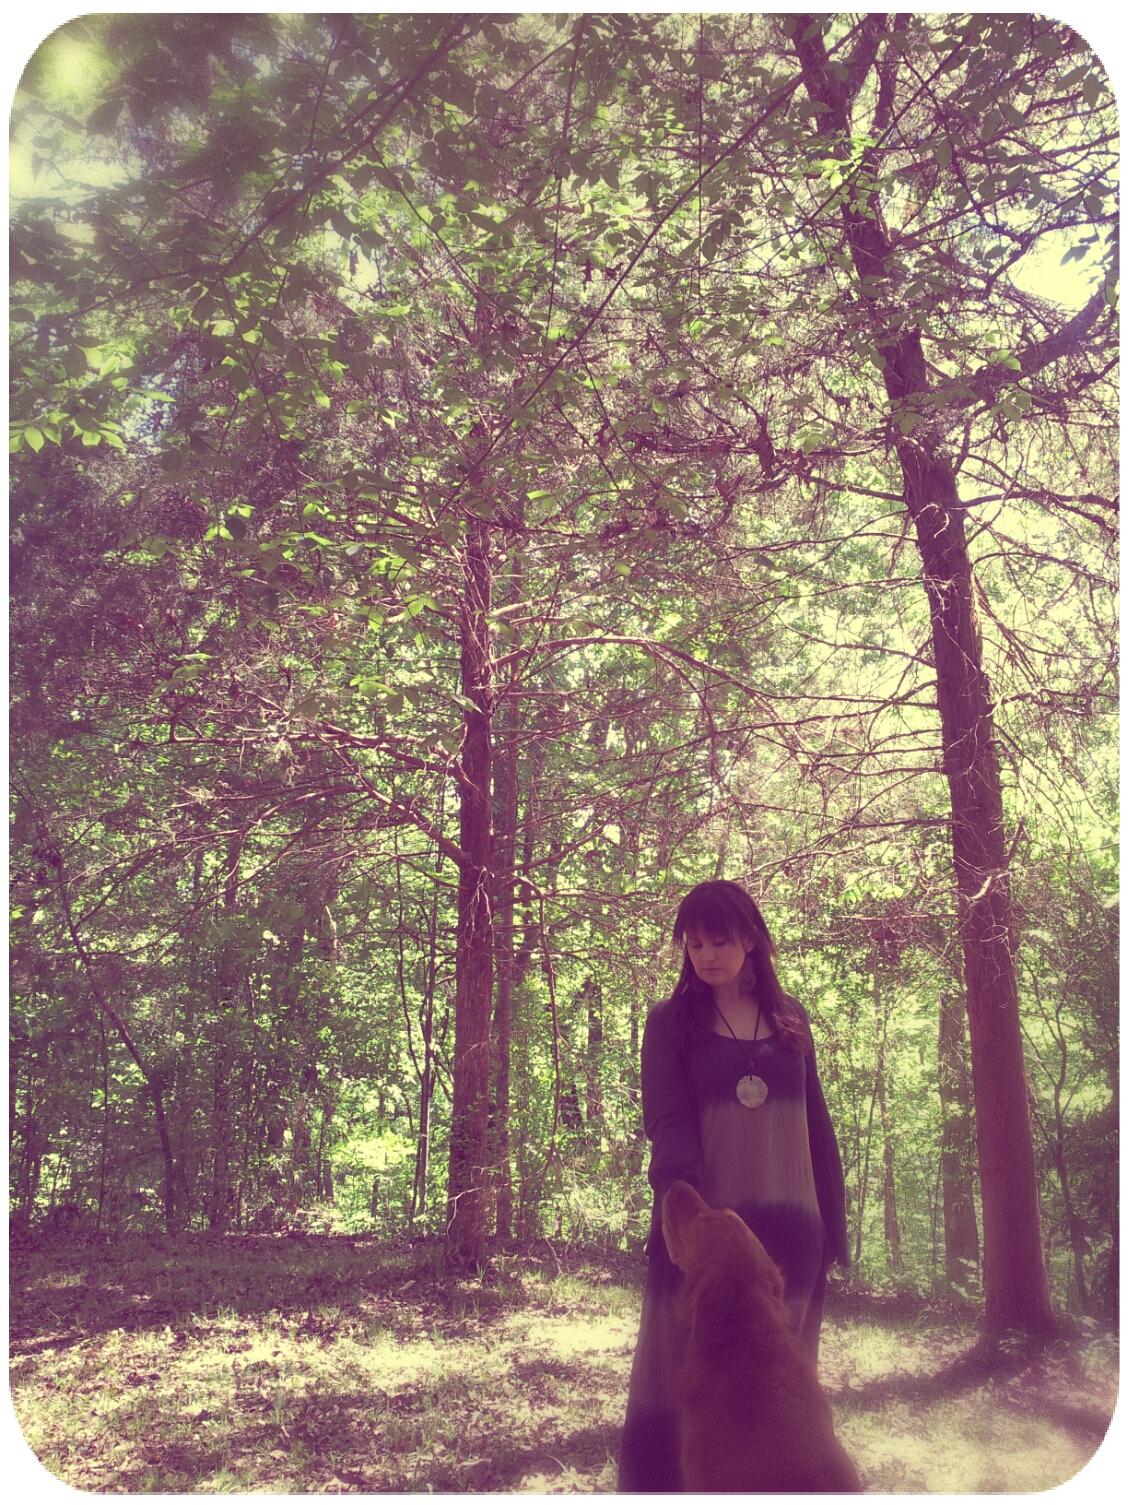 2012-04-23 15.13.50_Melissa_Round.jpg